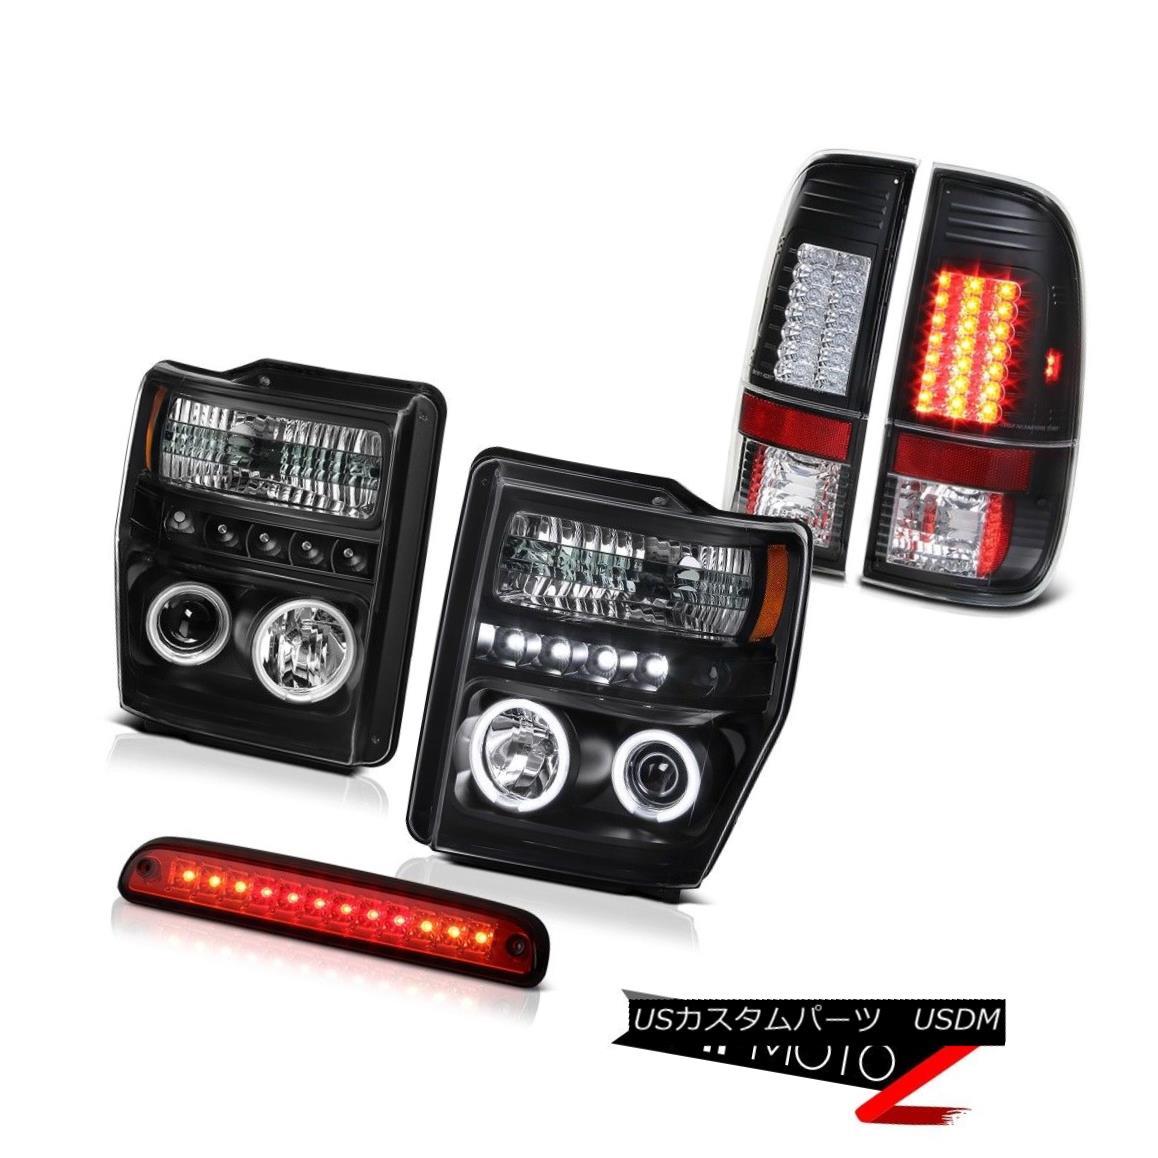 テールライト CCFL Halo Headlamps Wine Red Third Brake LED SMD Tail Lights 2008 2009 2010 F250 CCFL Haloヘッドランプワインレッド第3ブレーキLED SMDテールライト2008 2009 2010 F250